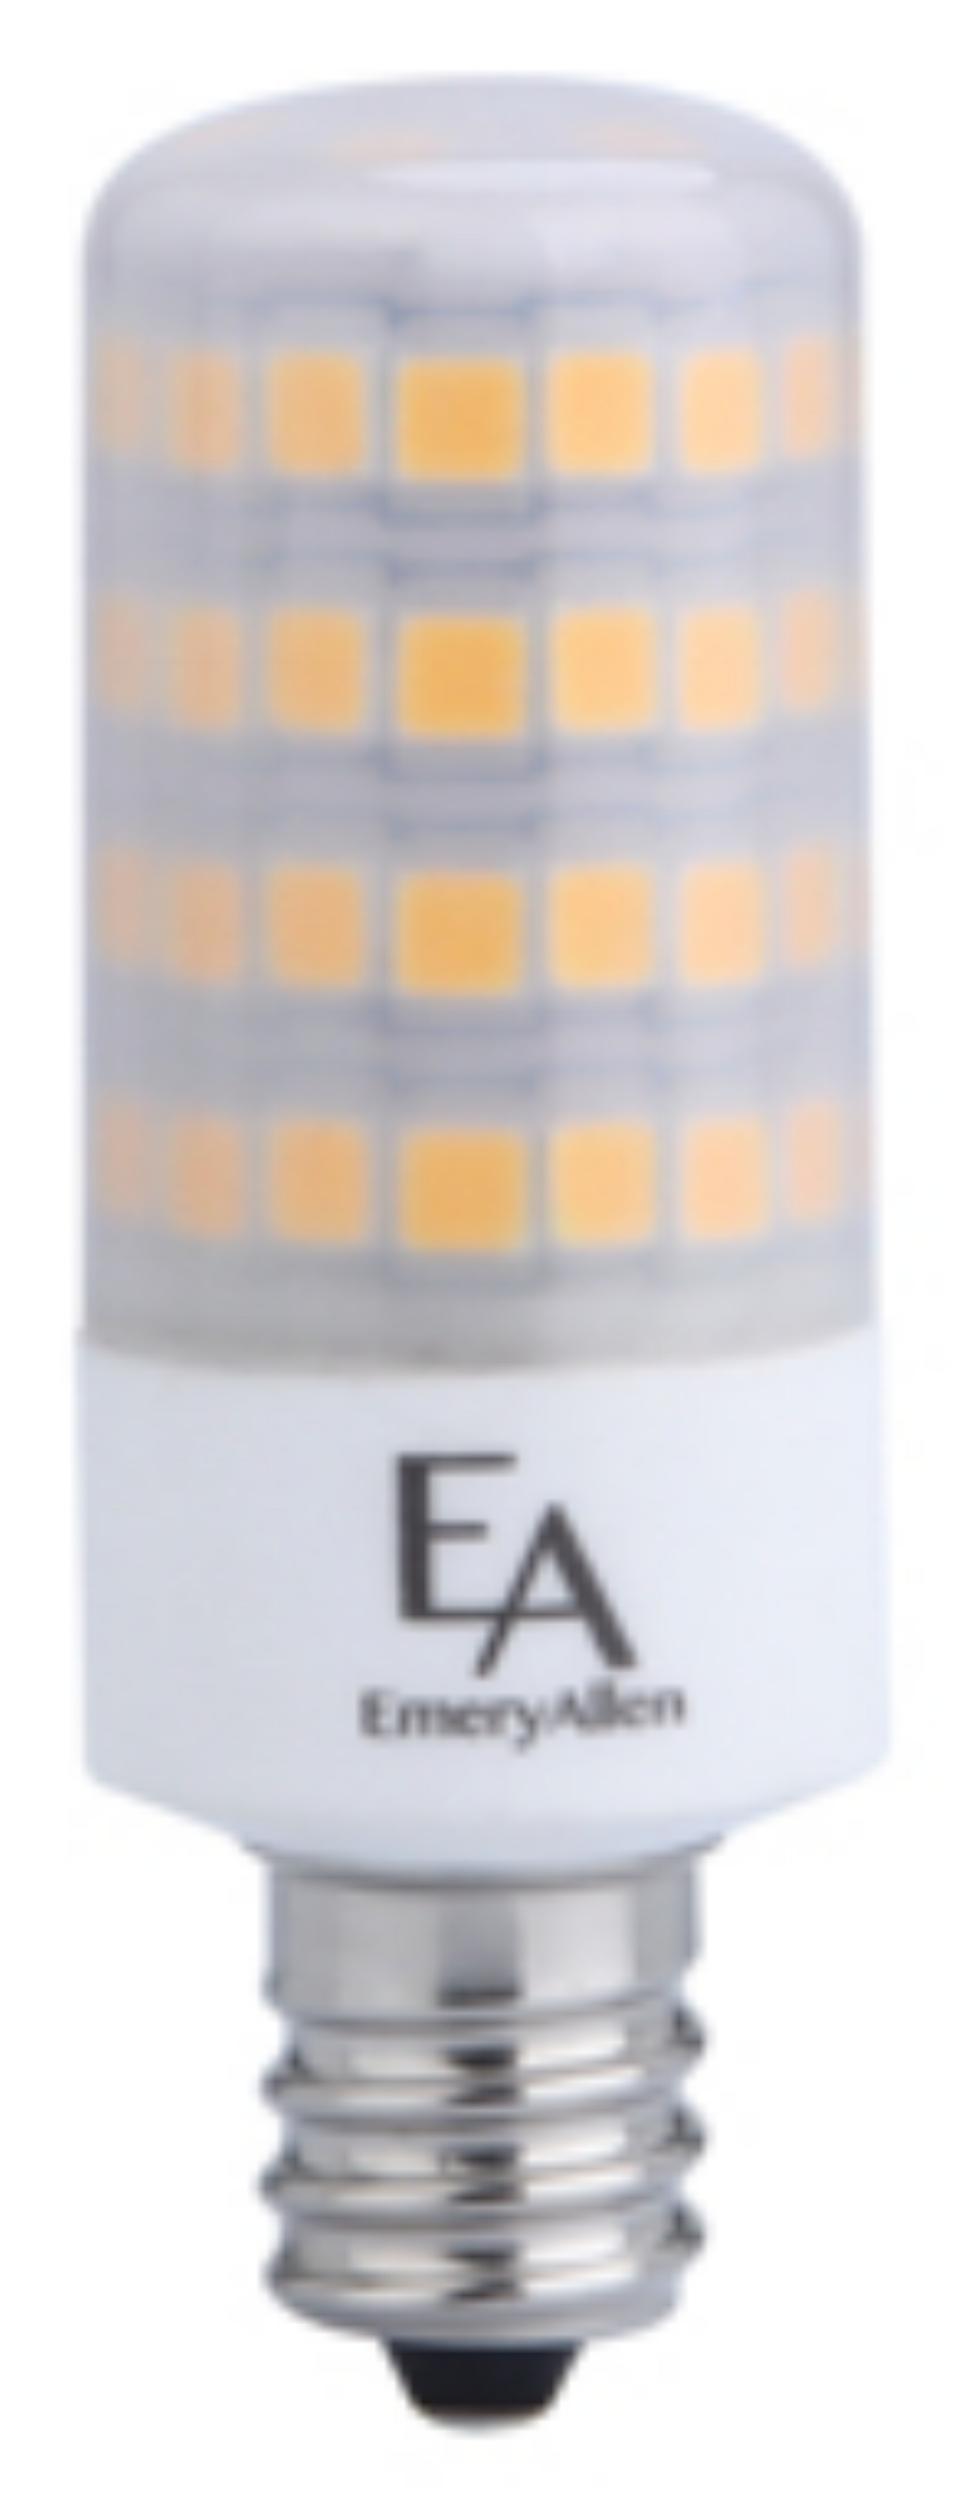 E12 5.0W